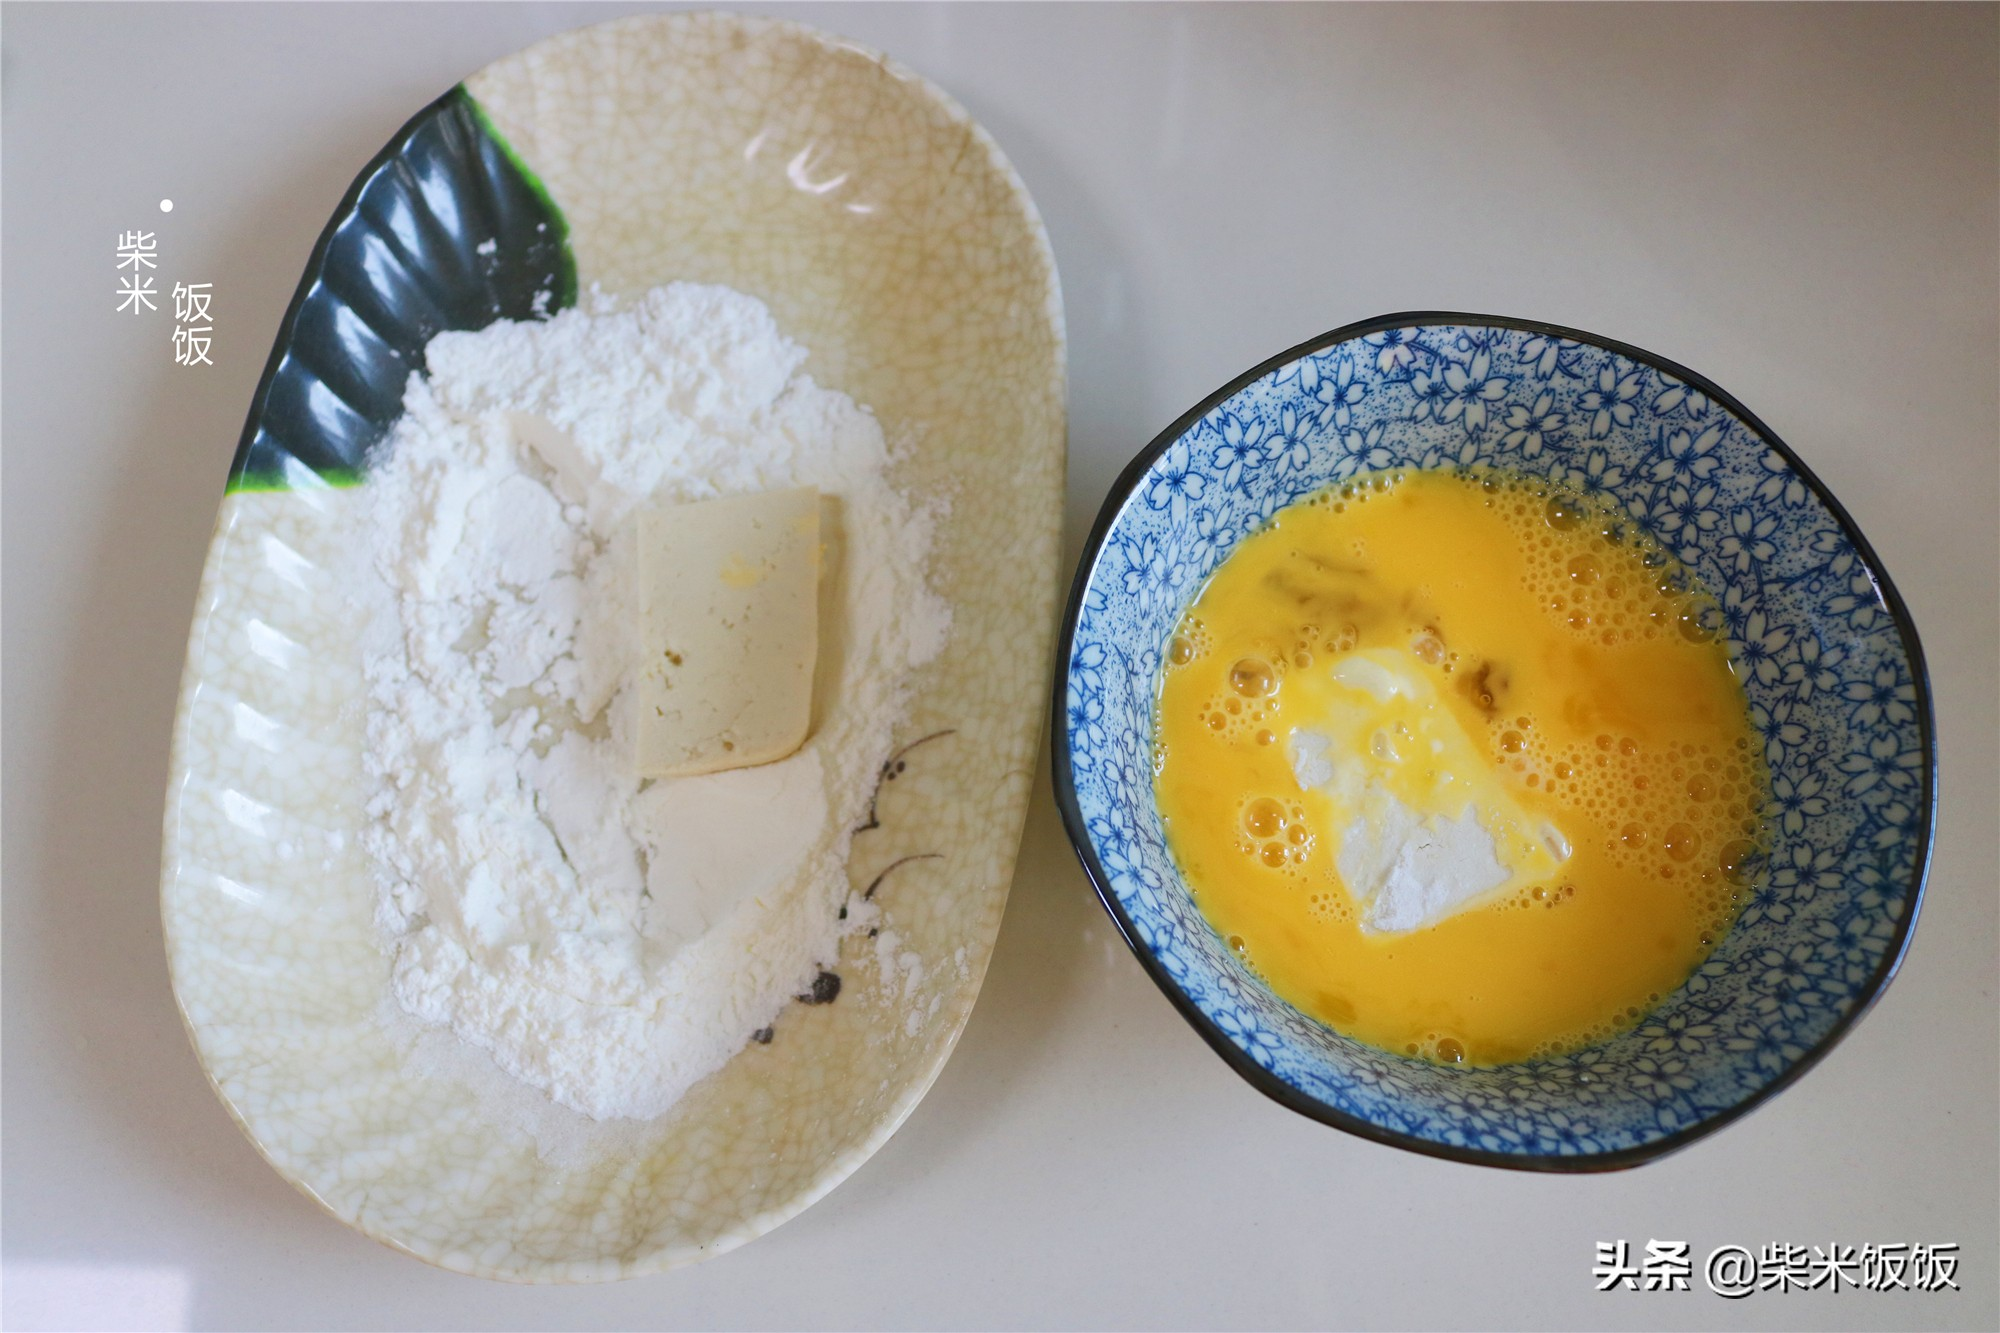 豆腐的神仙吃法,一出鍋滿屋香,外酥里嫩又多汁,孩子搶著吃